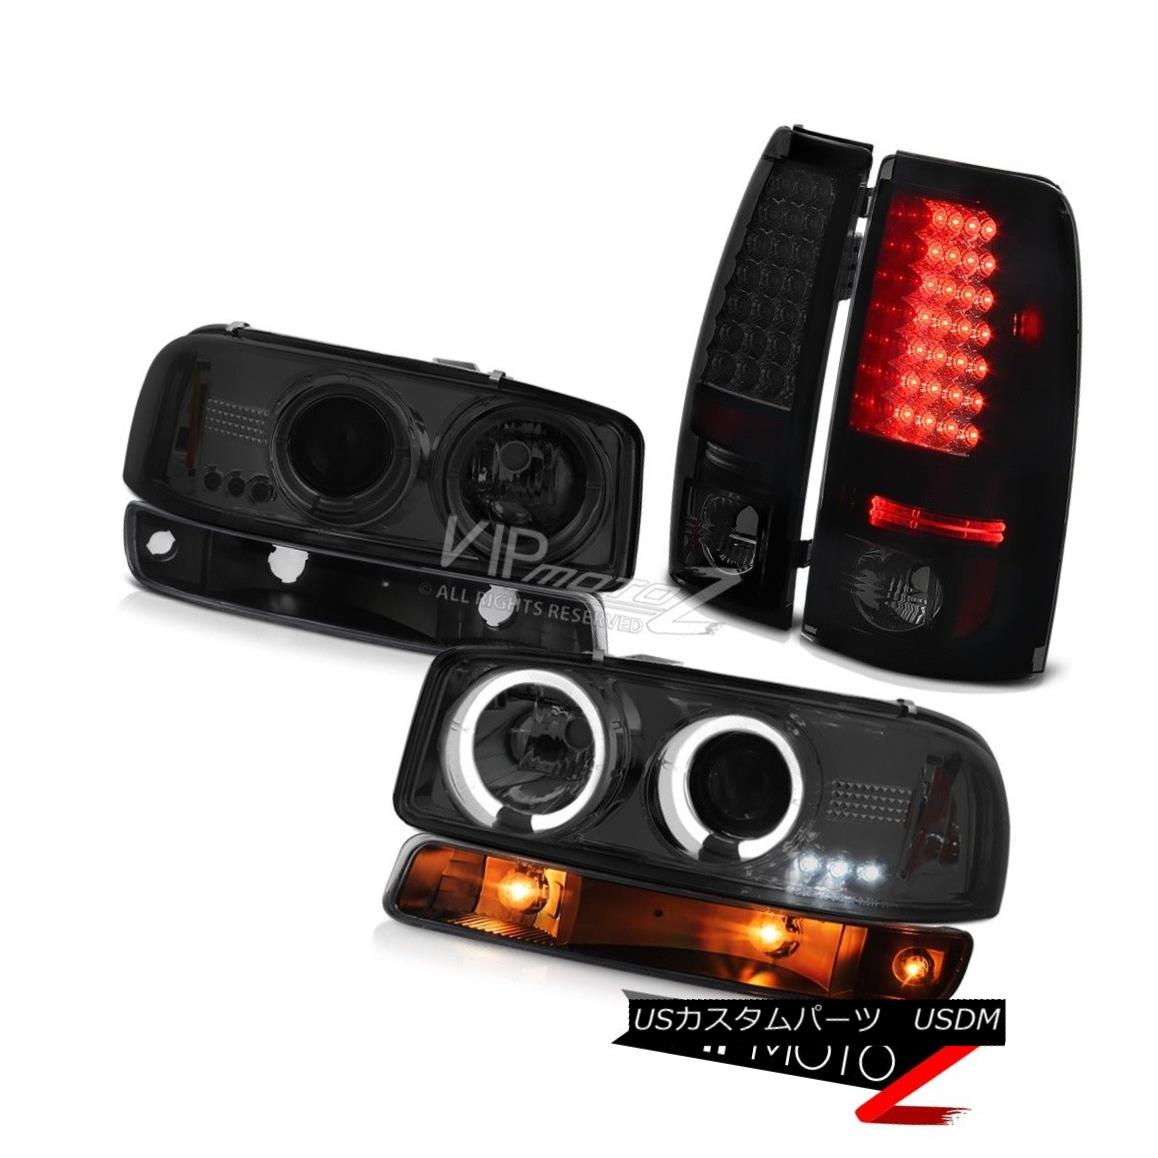 ヘッドライト 99-02 Sierra SLT LED tail lamps bumper light graphite smoke headlamps Dual Halo 99-02シエラSLT LEDテールランプバンパーライトグラファイトスモークヘッドランプデュアルヘイロー